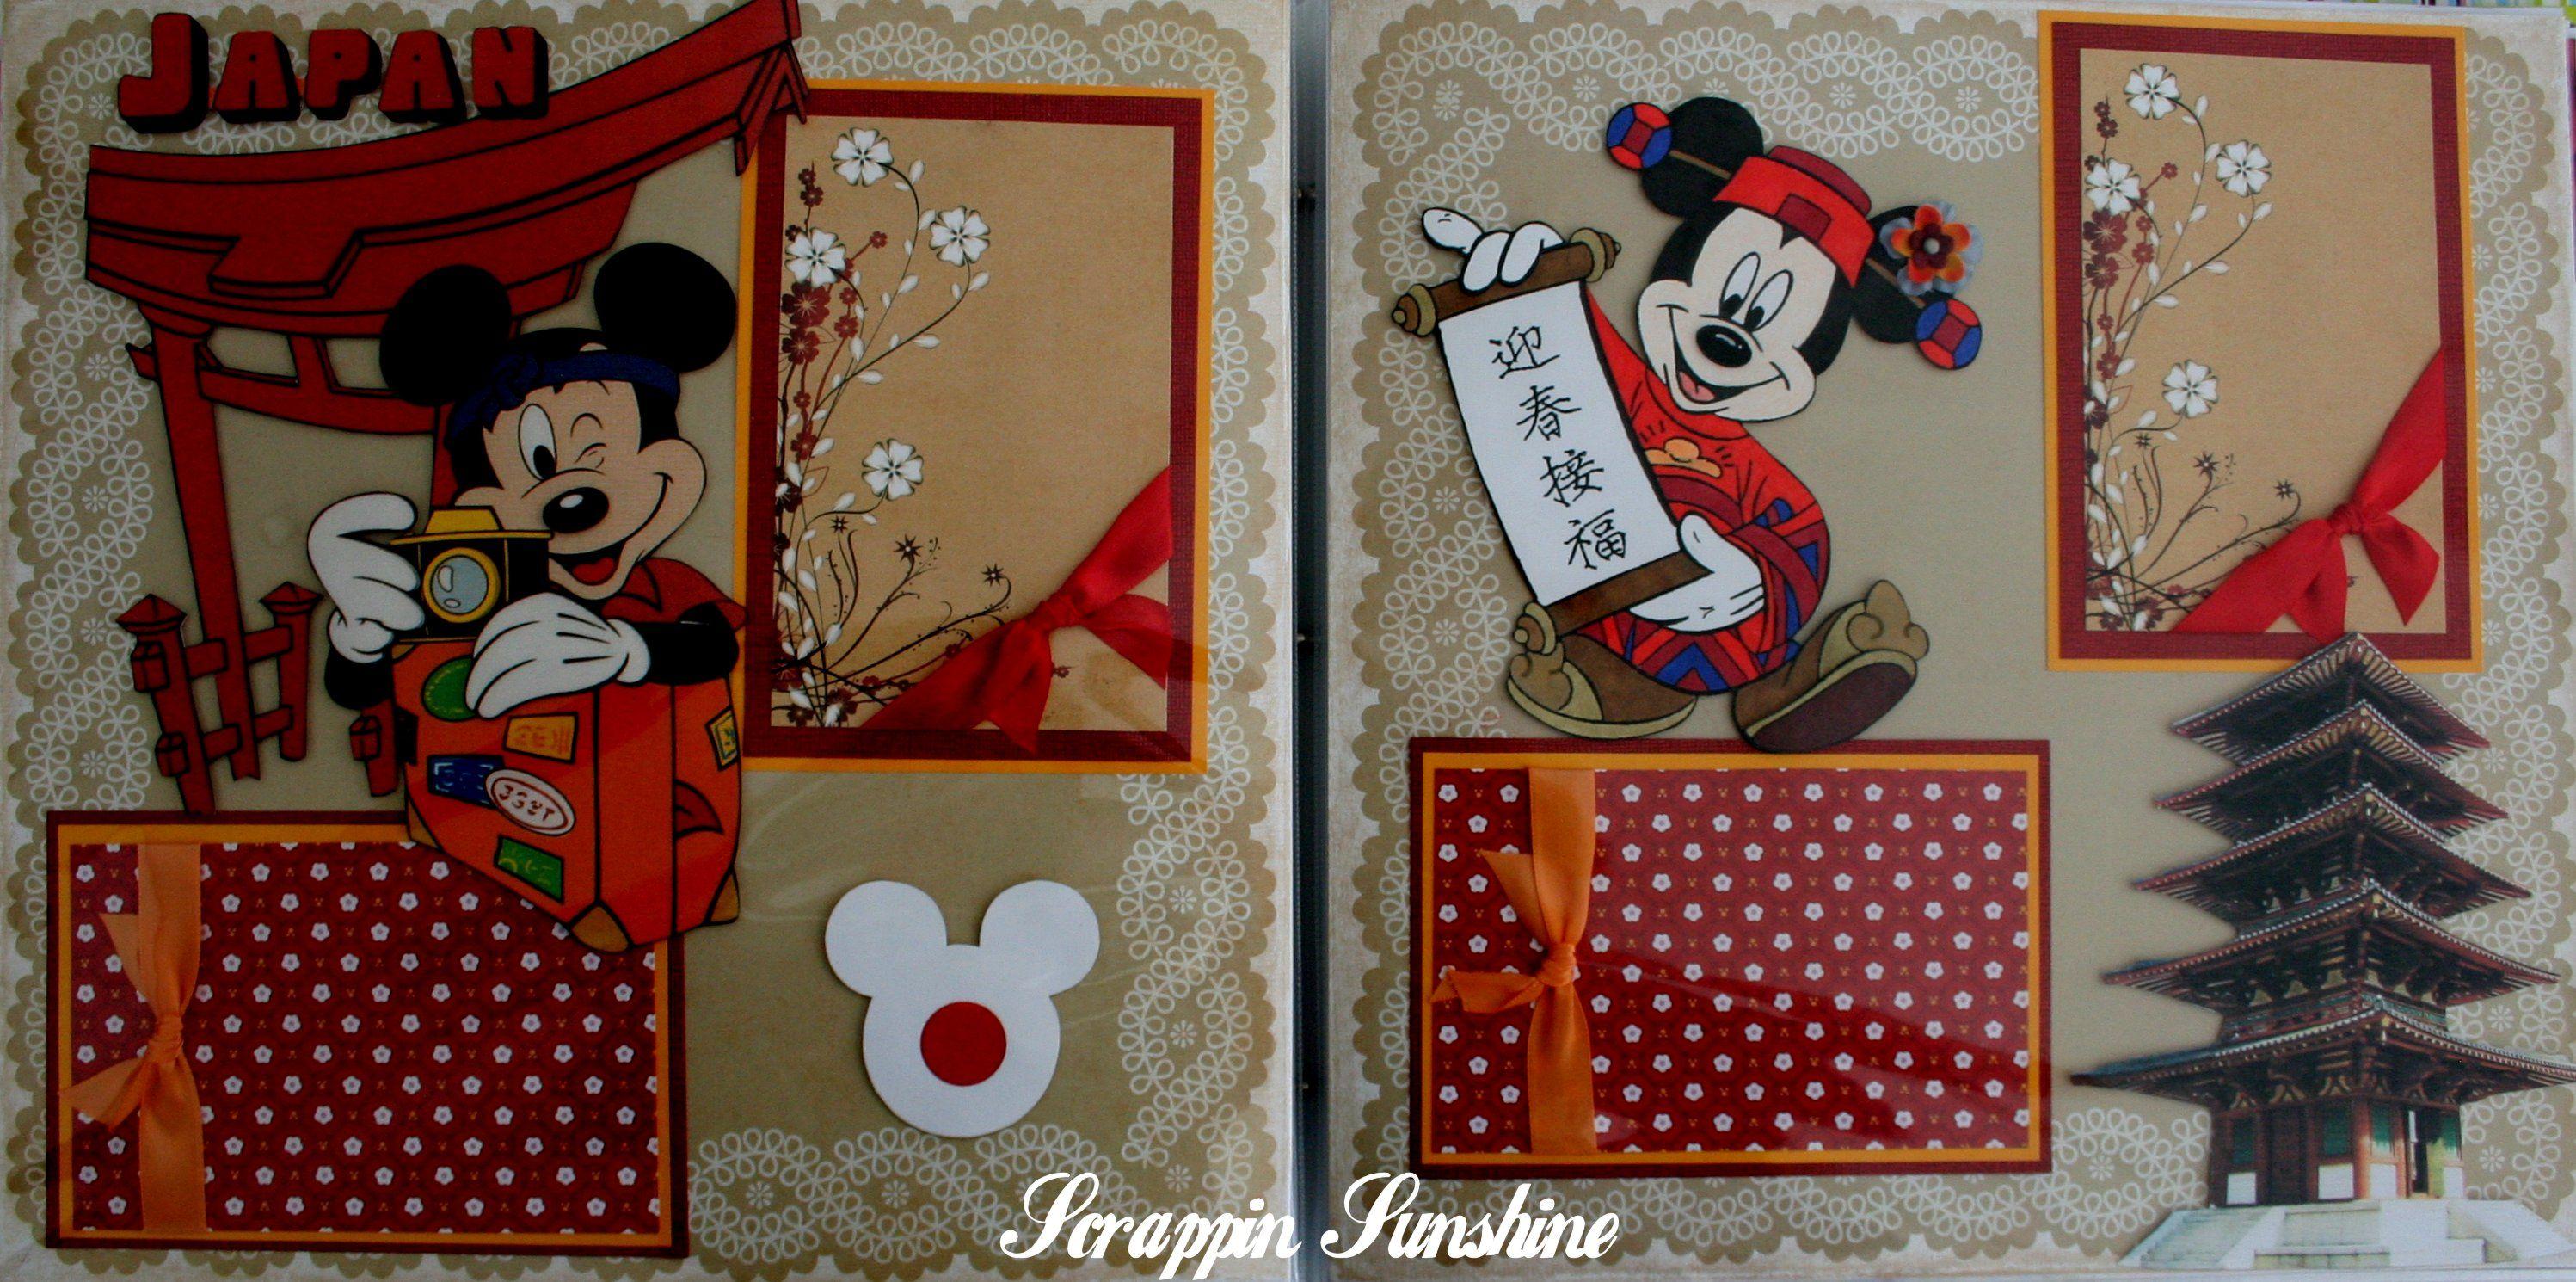 Japan - Disney World Showcase